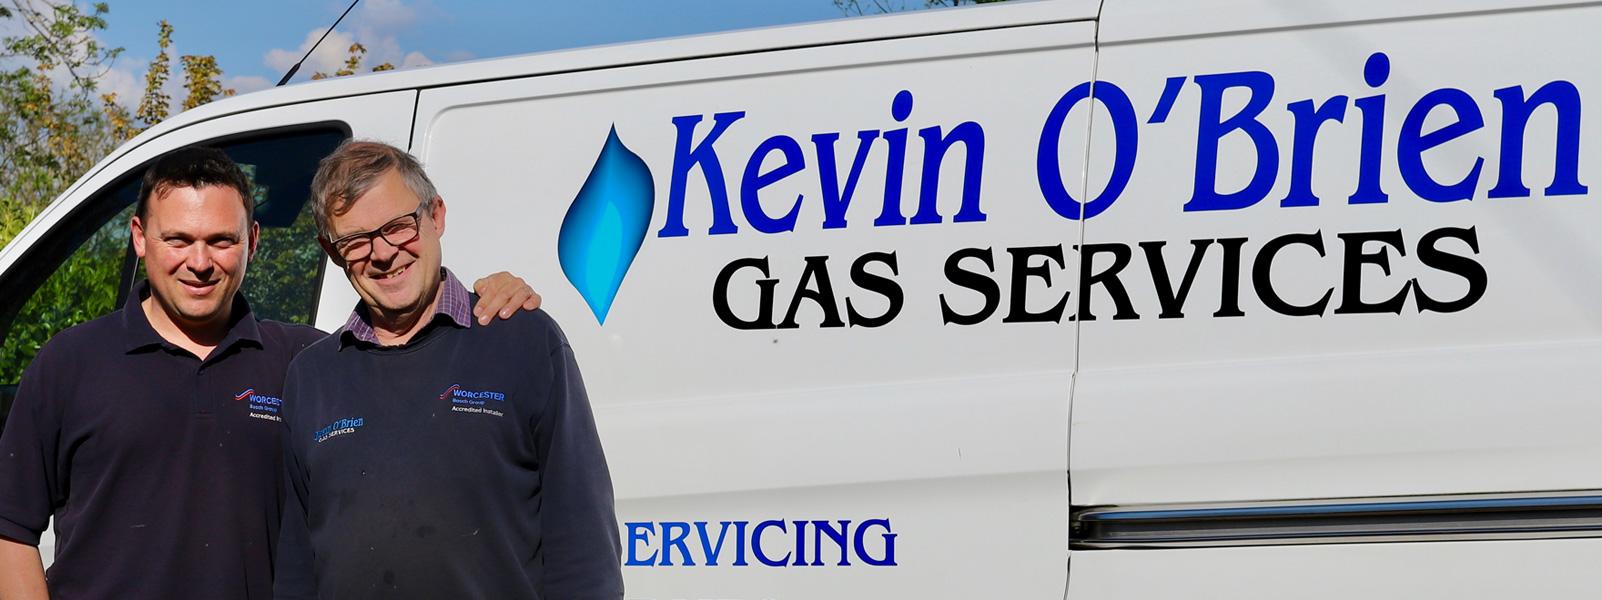 Kevin O'Brien Gas Services - Gas Plumbers Rutland